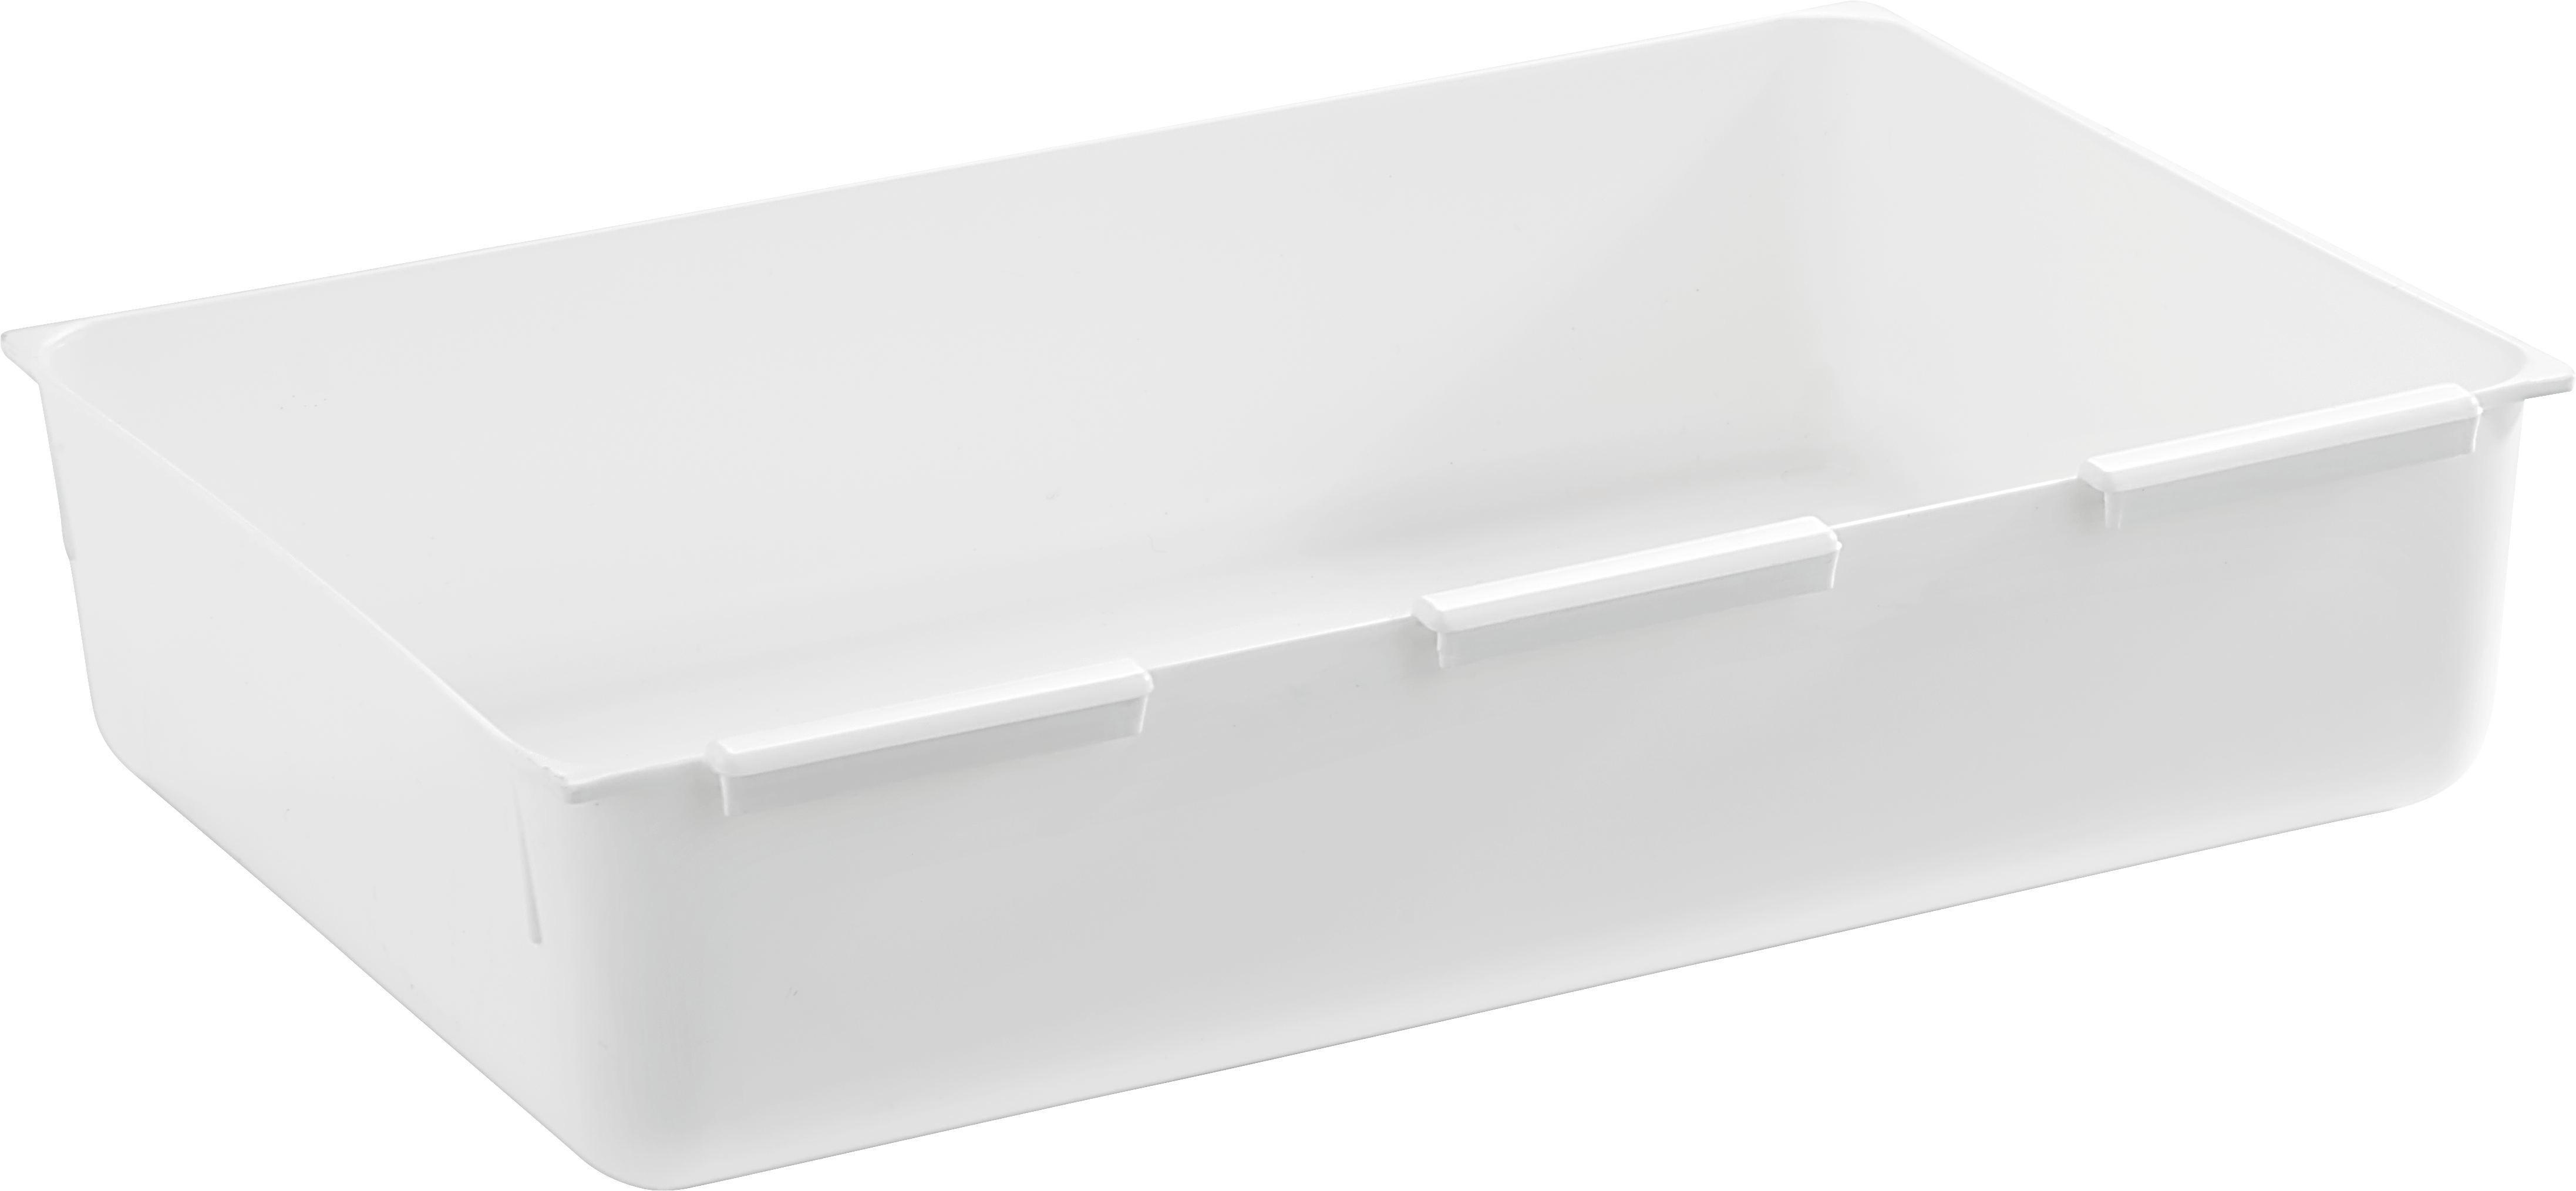 Predalnik Wanda - bela, umetna masa (14,9/22,4cm)